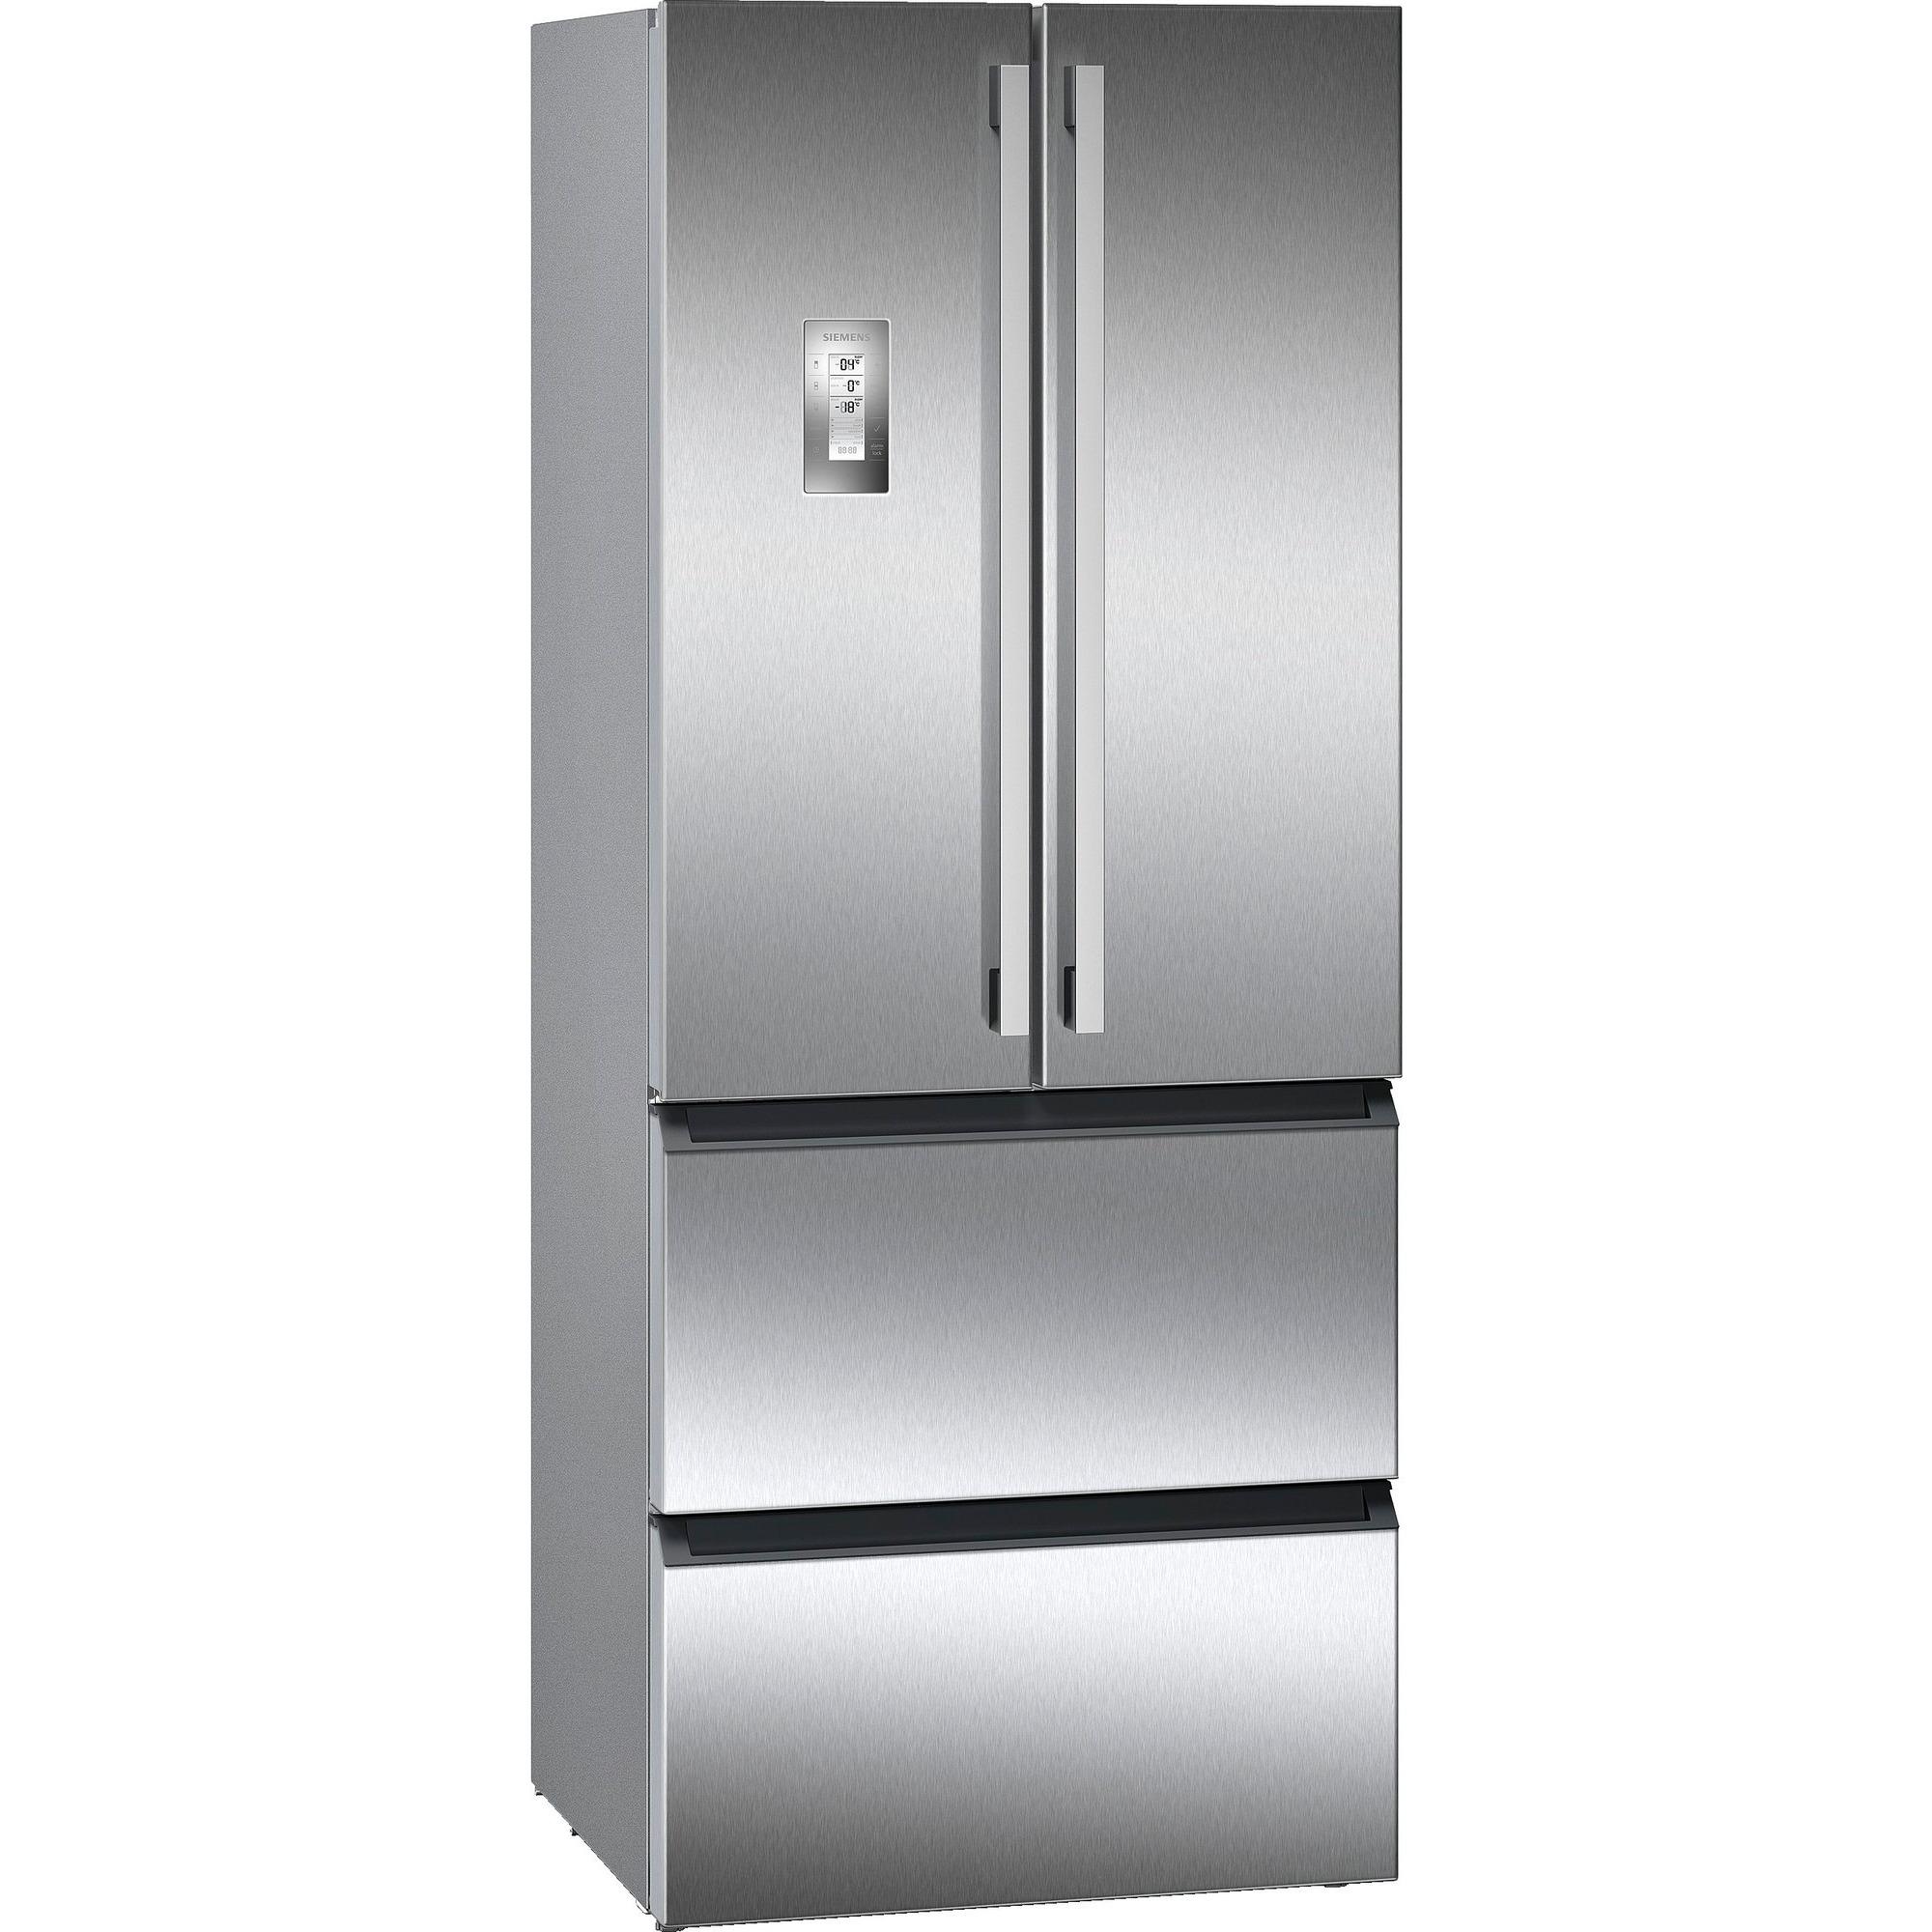 Siemens iQ700 Kylskåp/frys med dubbeldörrar stål